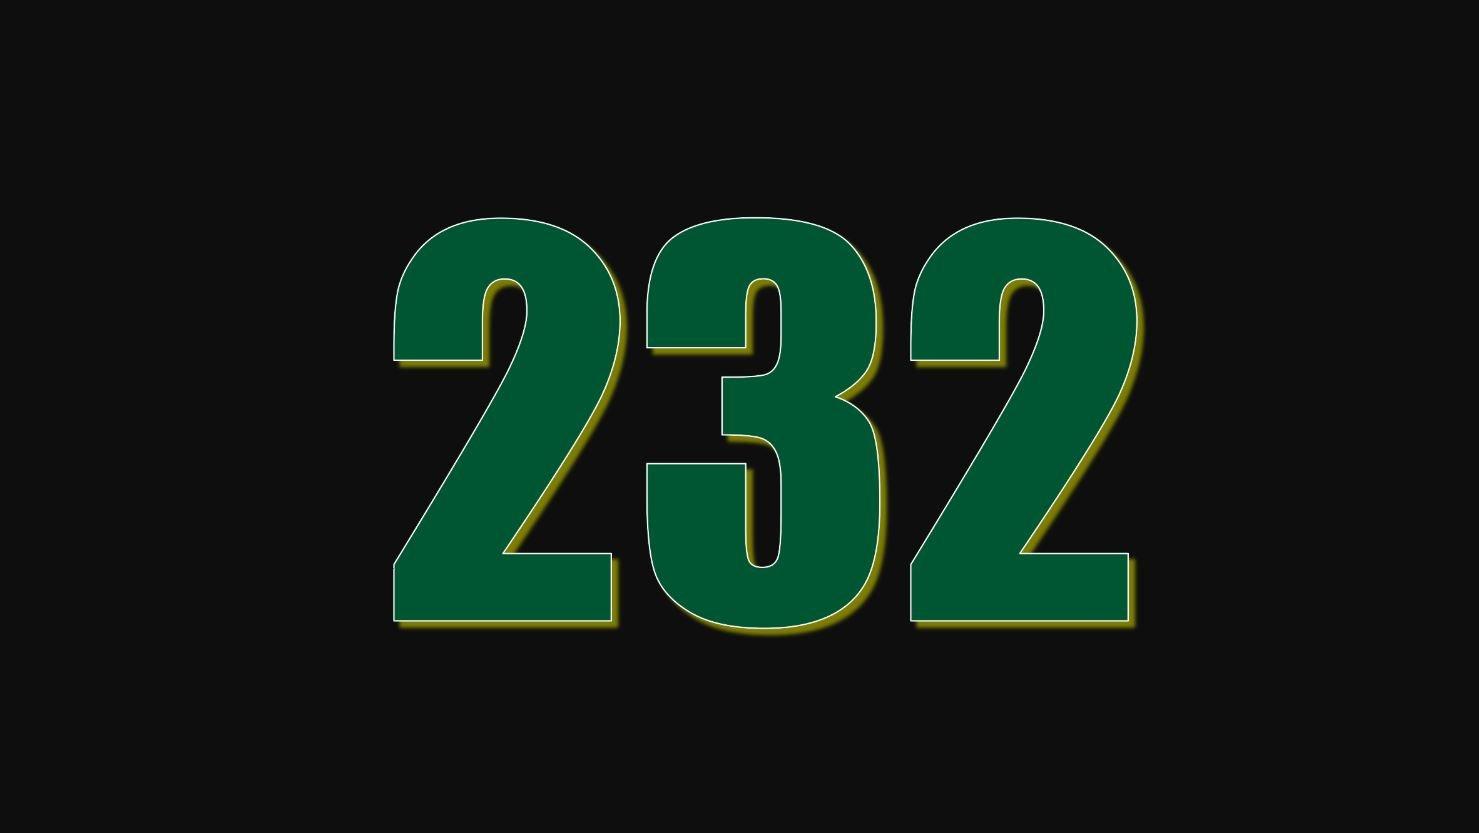 Significado del número 232